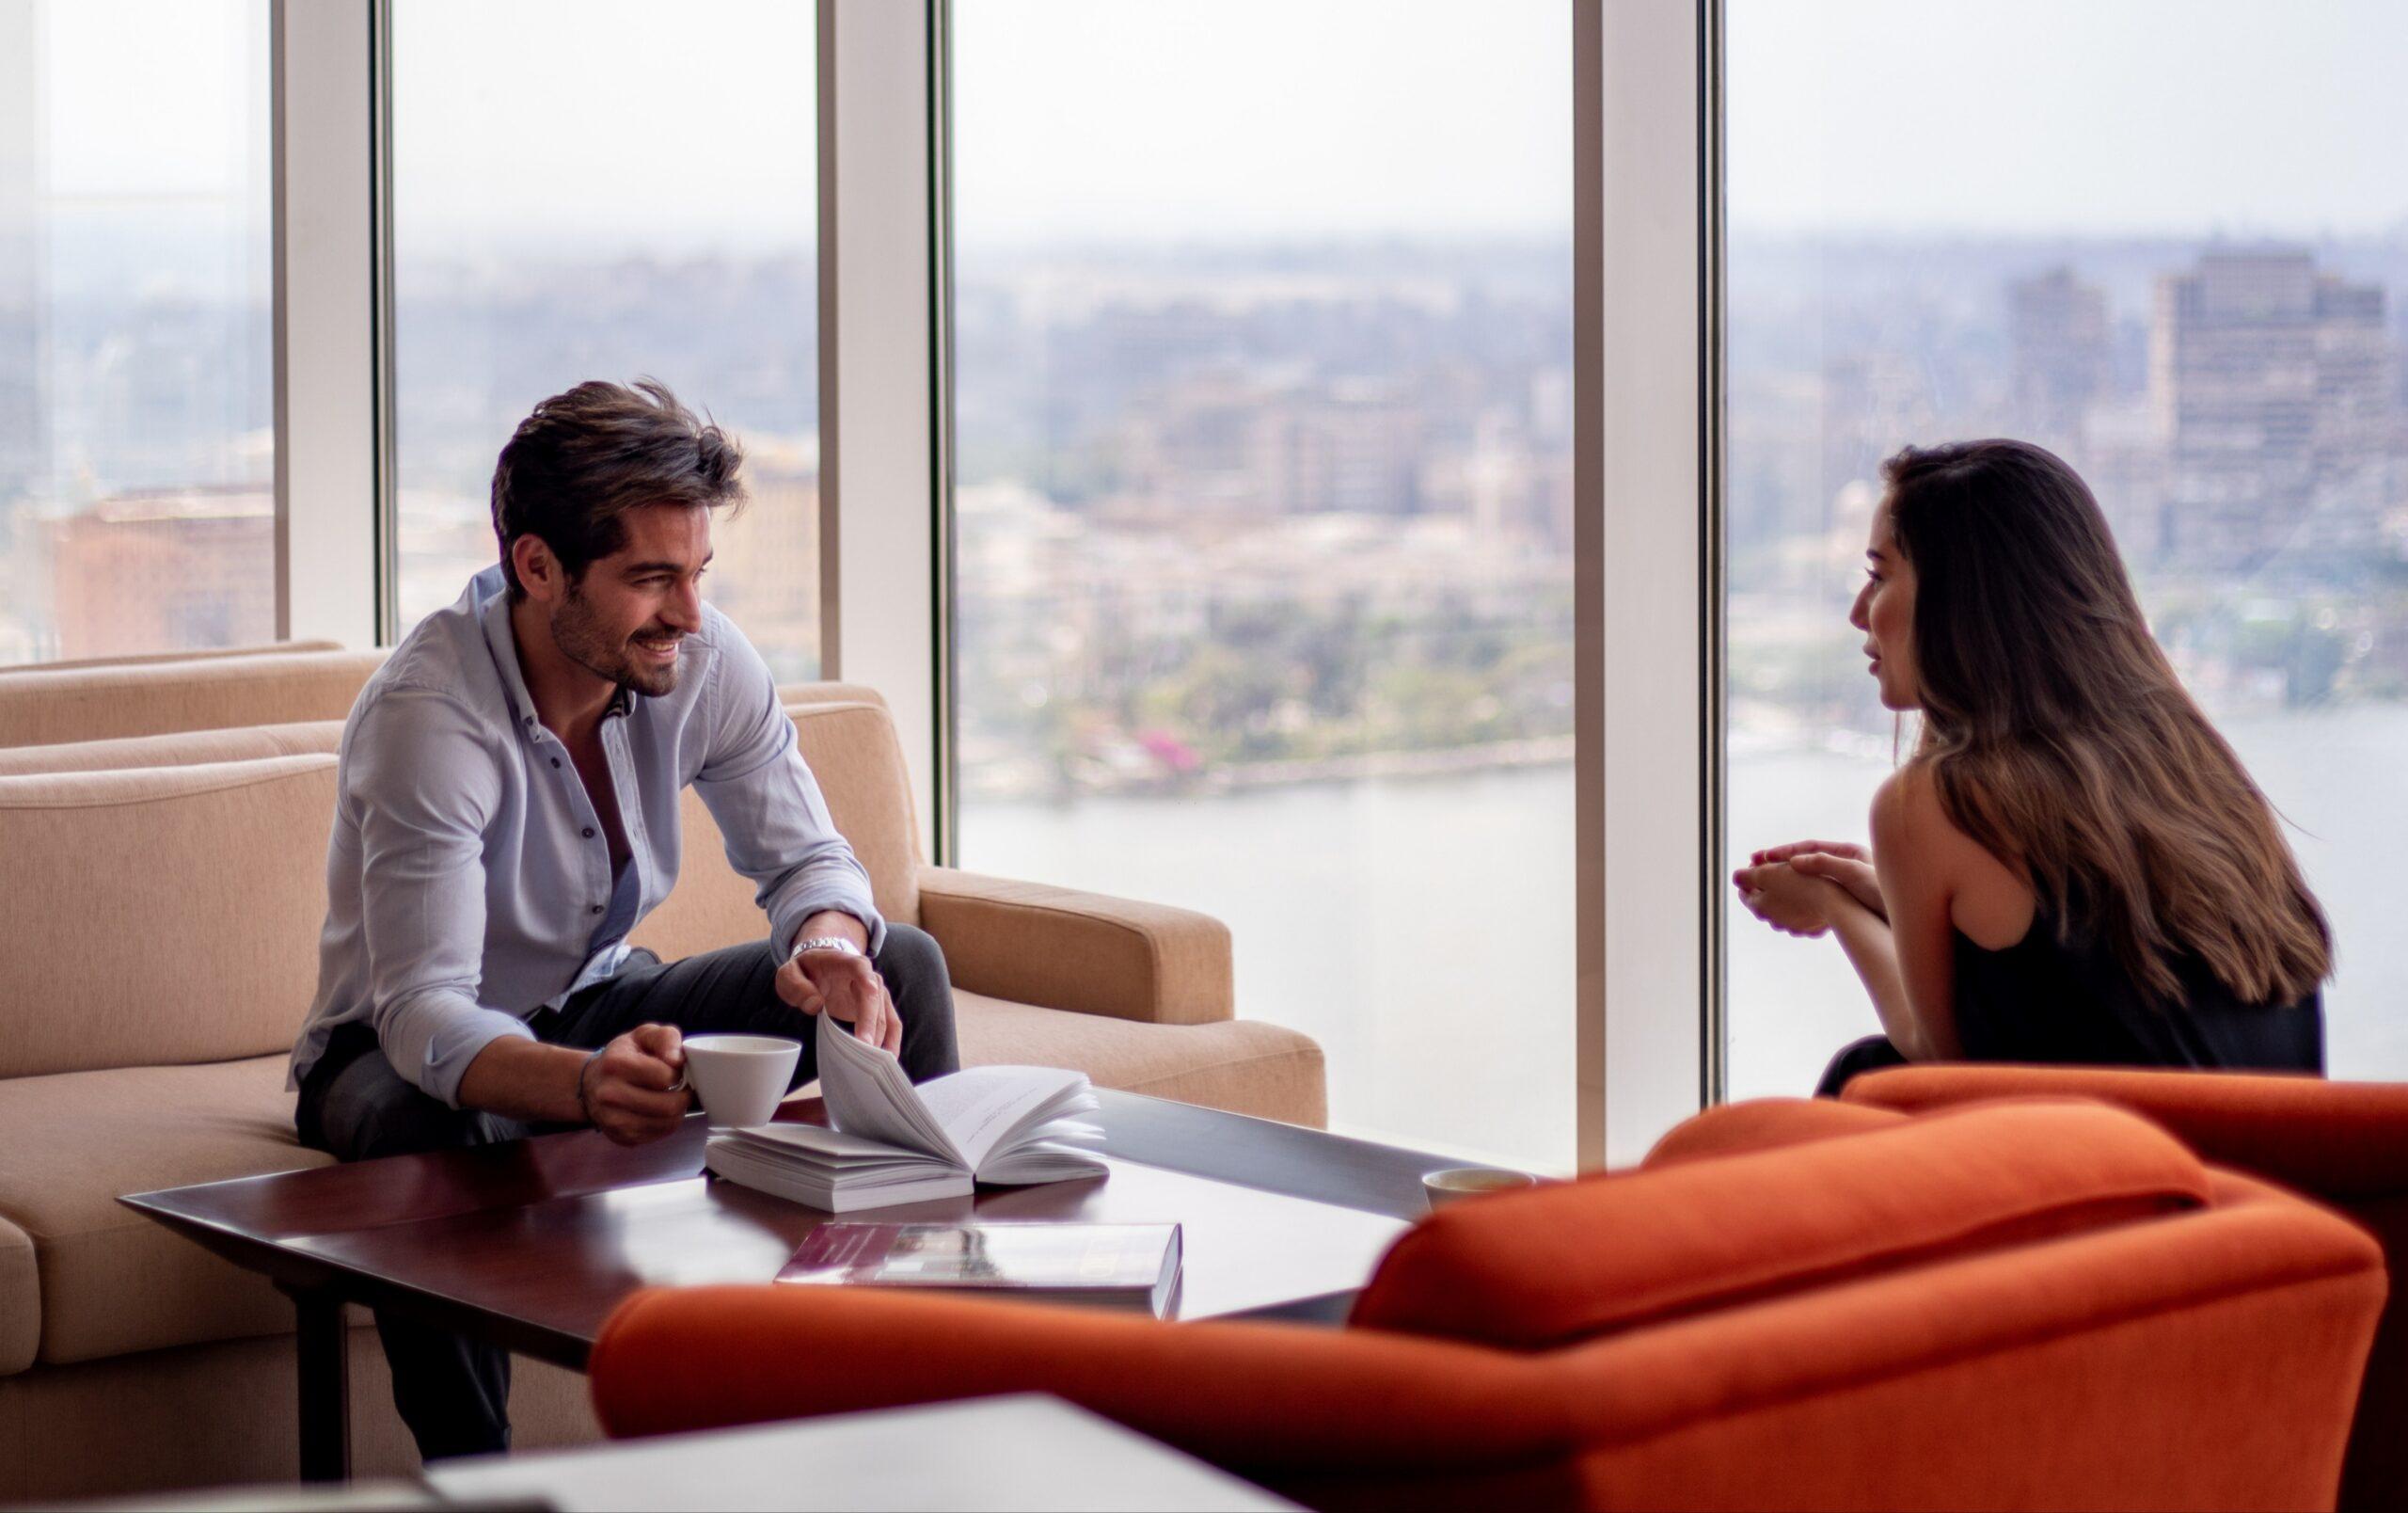 قم بقضاء وقت ممتع بالإقامة فيفندق شيراتون القاهرةبإطلالة رائعة على نهر النيل